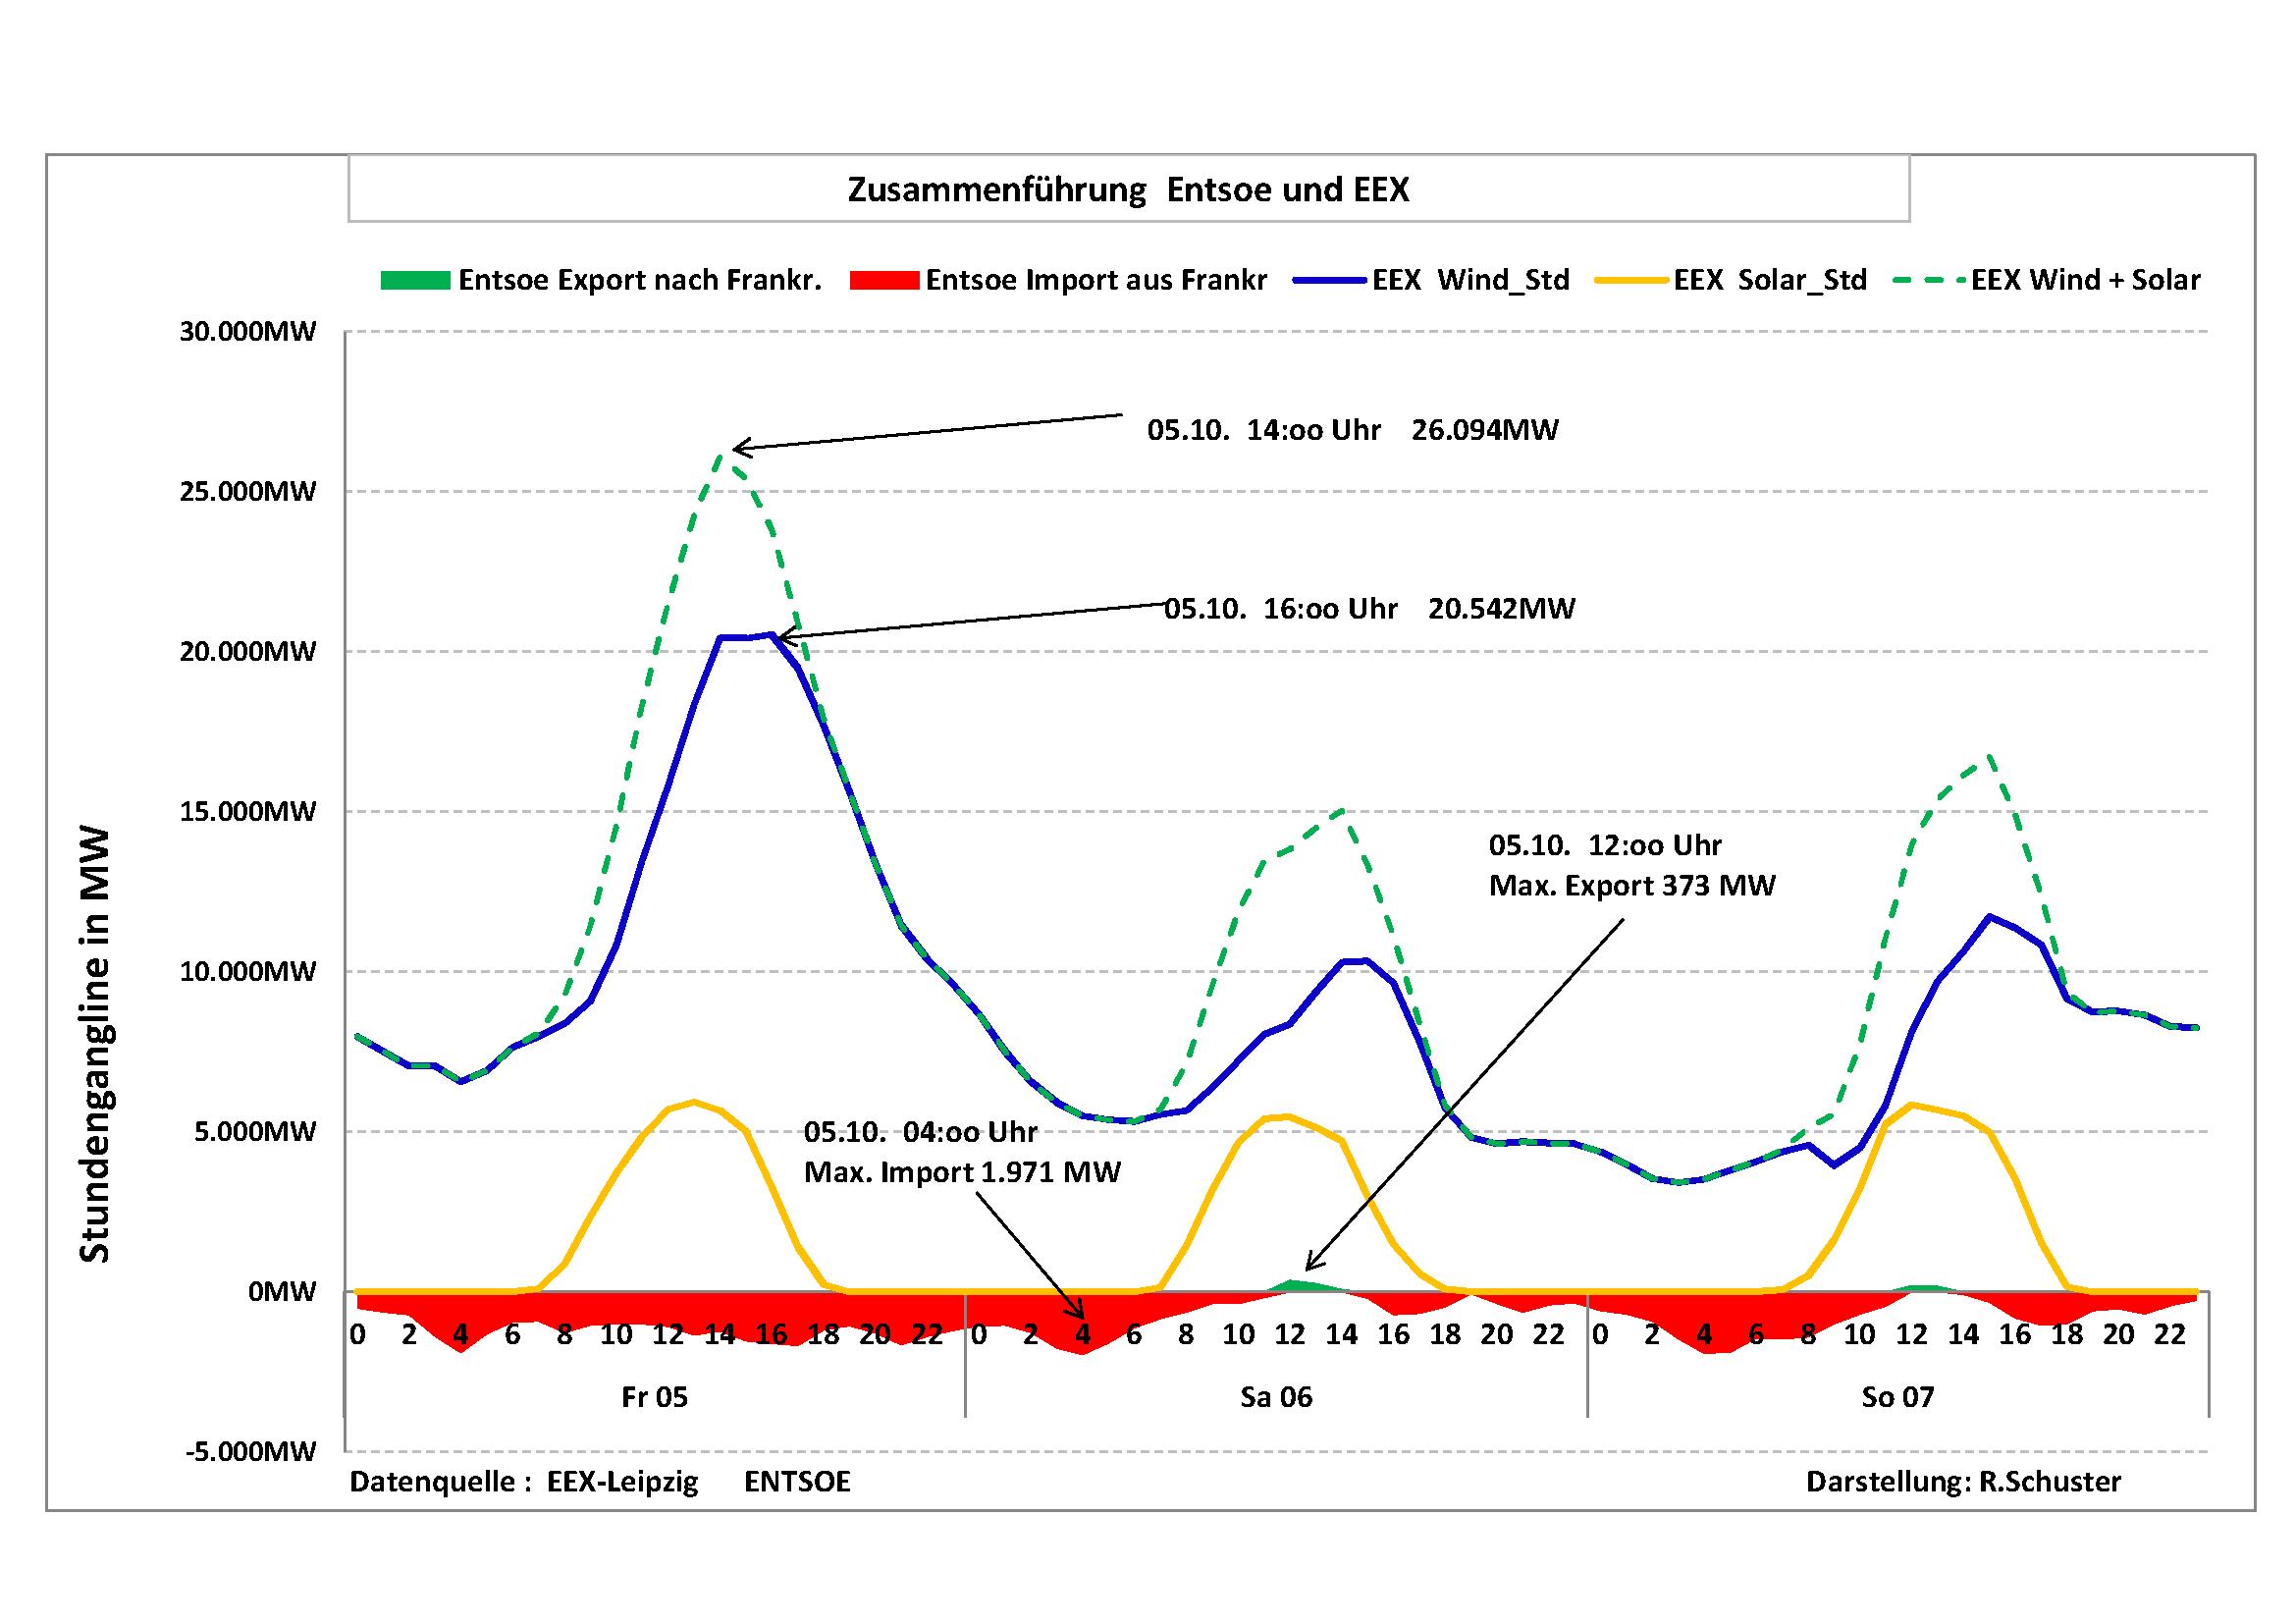 Energiewende im November! Nur 7 % der installierten EEG Leistung ...